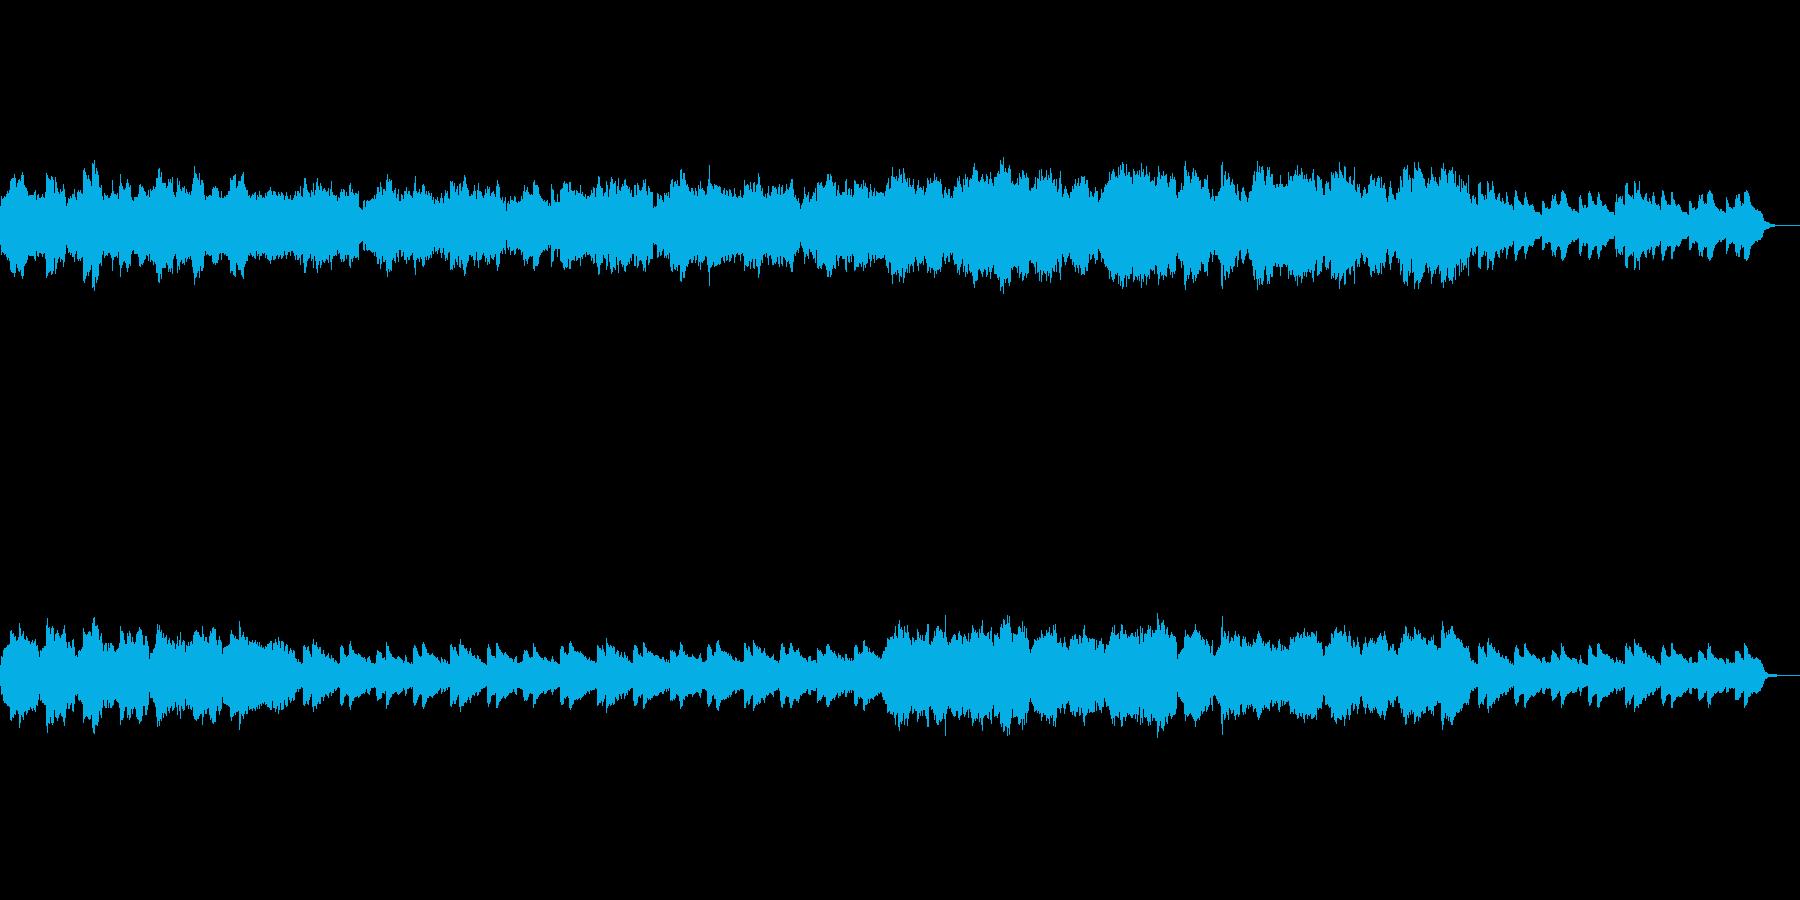 あたたかなピアノとストリングスのBGMの再生済みの波形